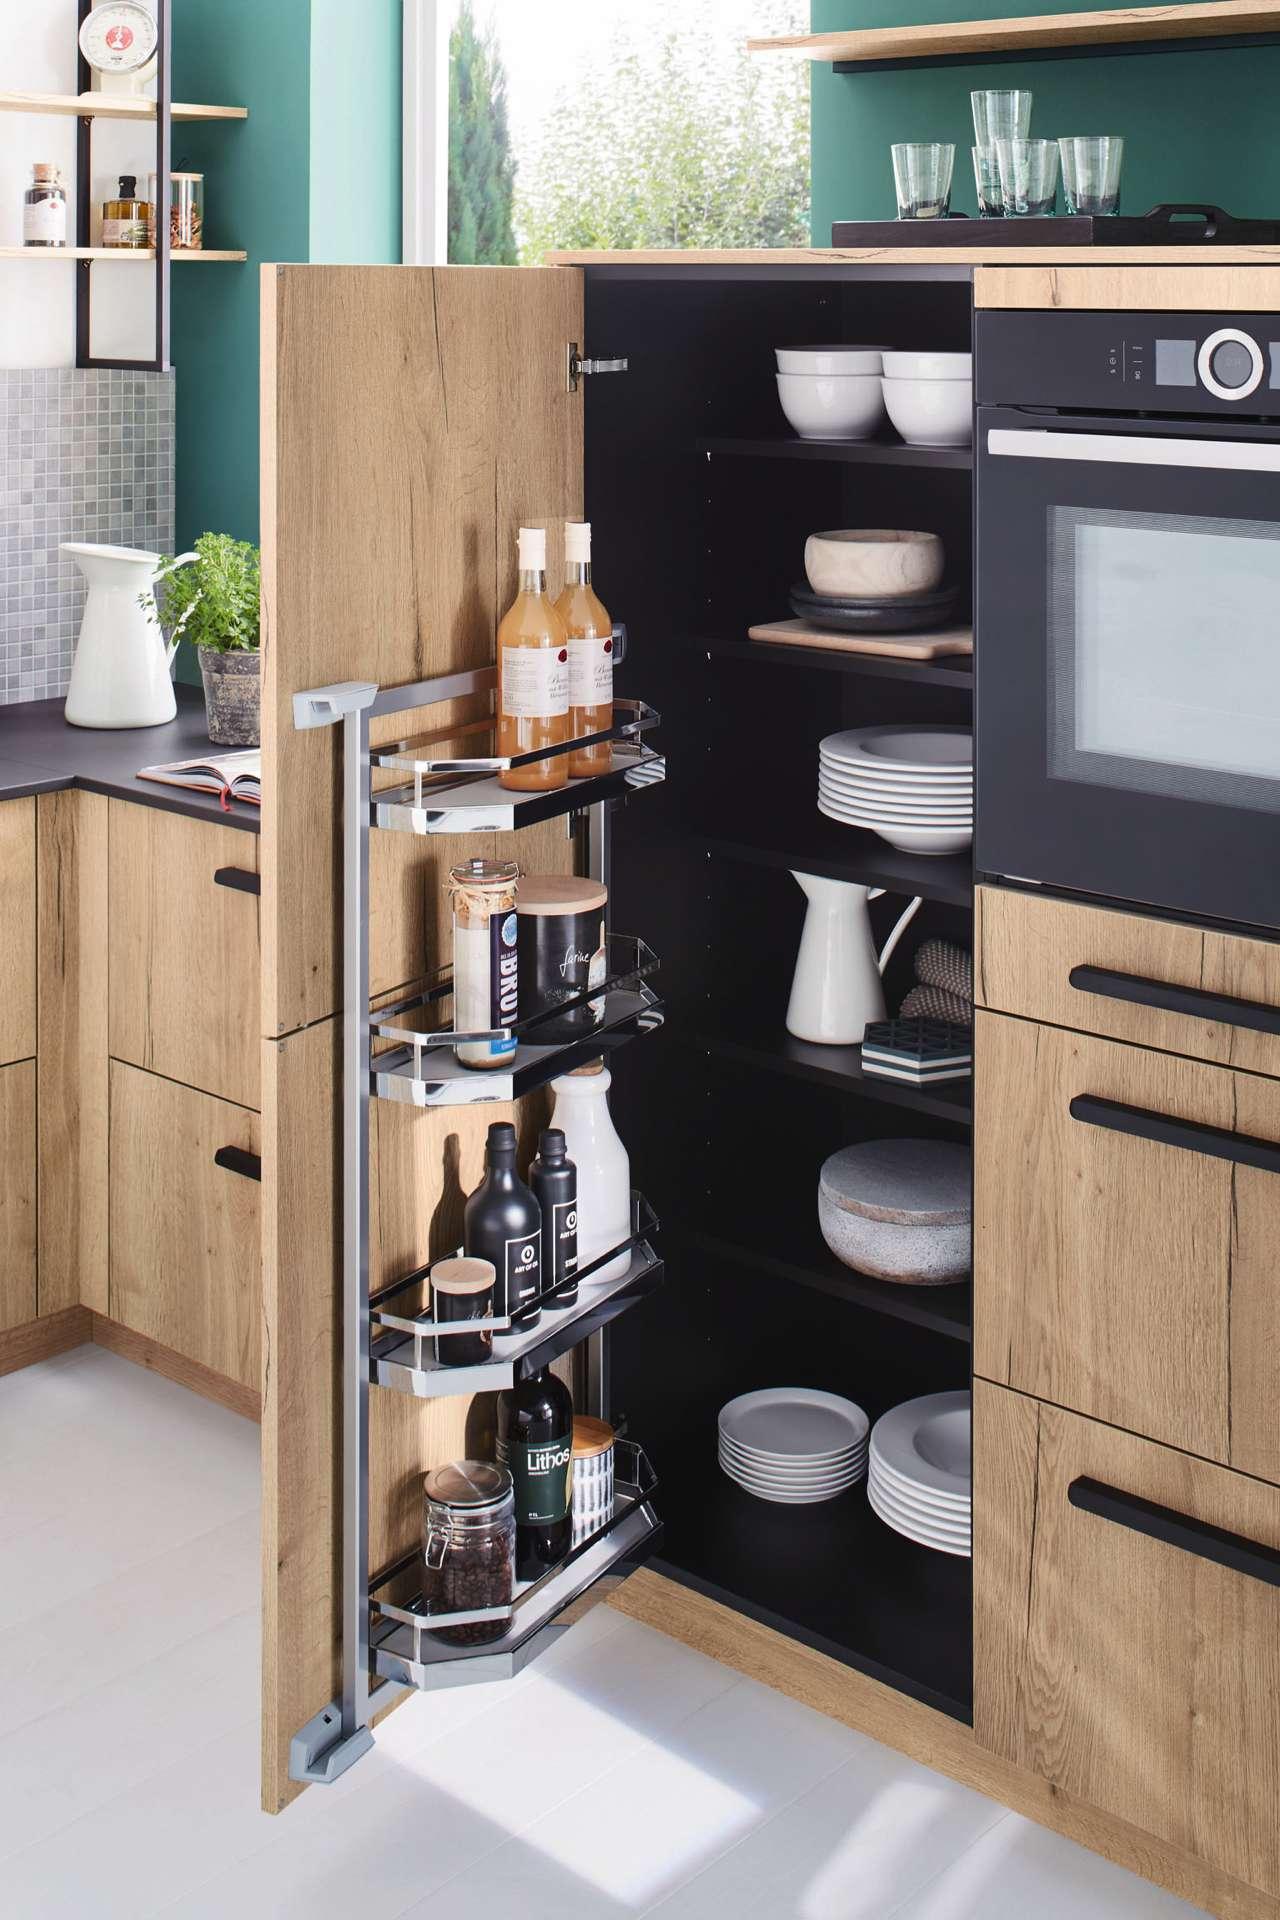 Full Size of Einlegeboden Küchenschrank Einlegeböden Küche Einlegeboden Nobilia Küche Einlegeböden Küchenschrank Ikea Küche Einlegeböden Küche